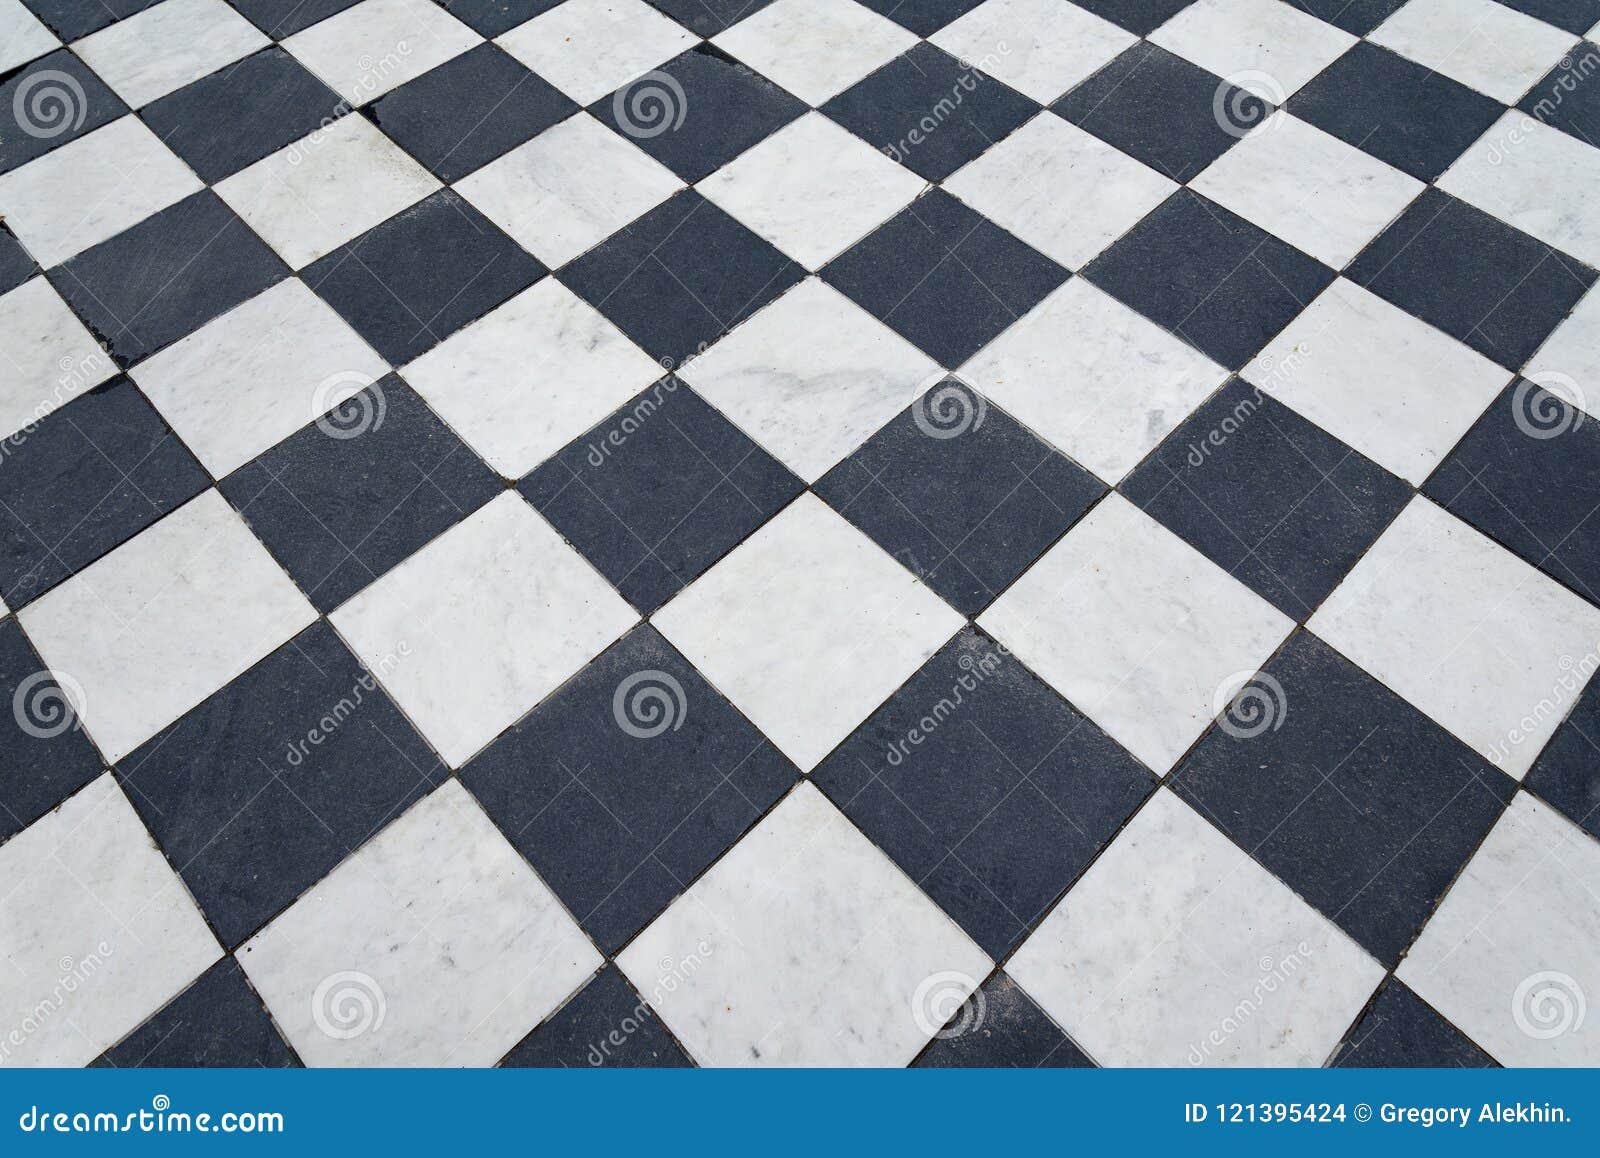 Zwart Witte Tegels : Zwart witte tegels schaakvloer stock foto afbeelding bestaande